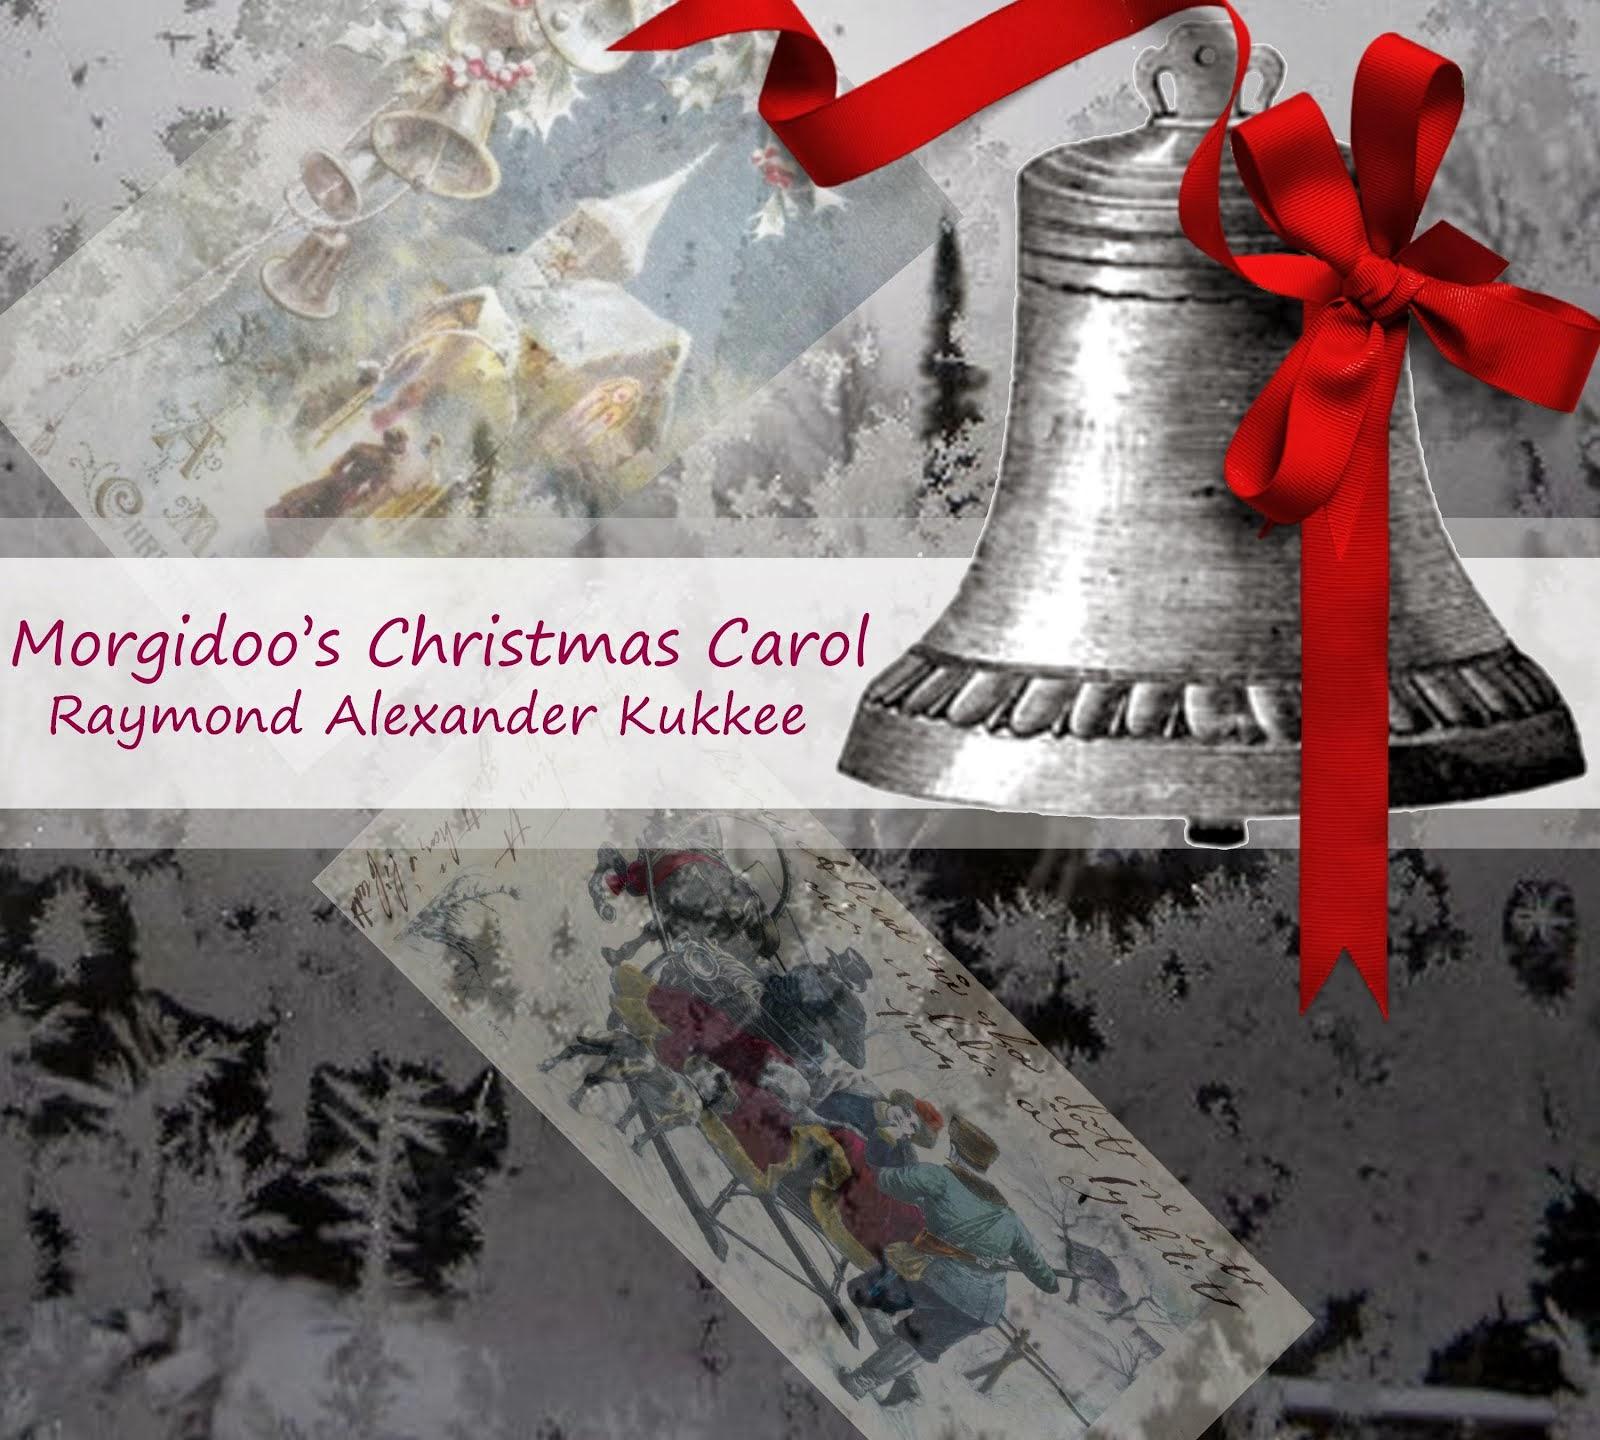 Morgidoo's Christmas Carol